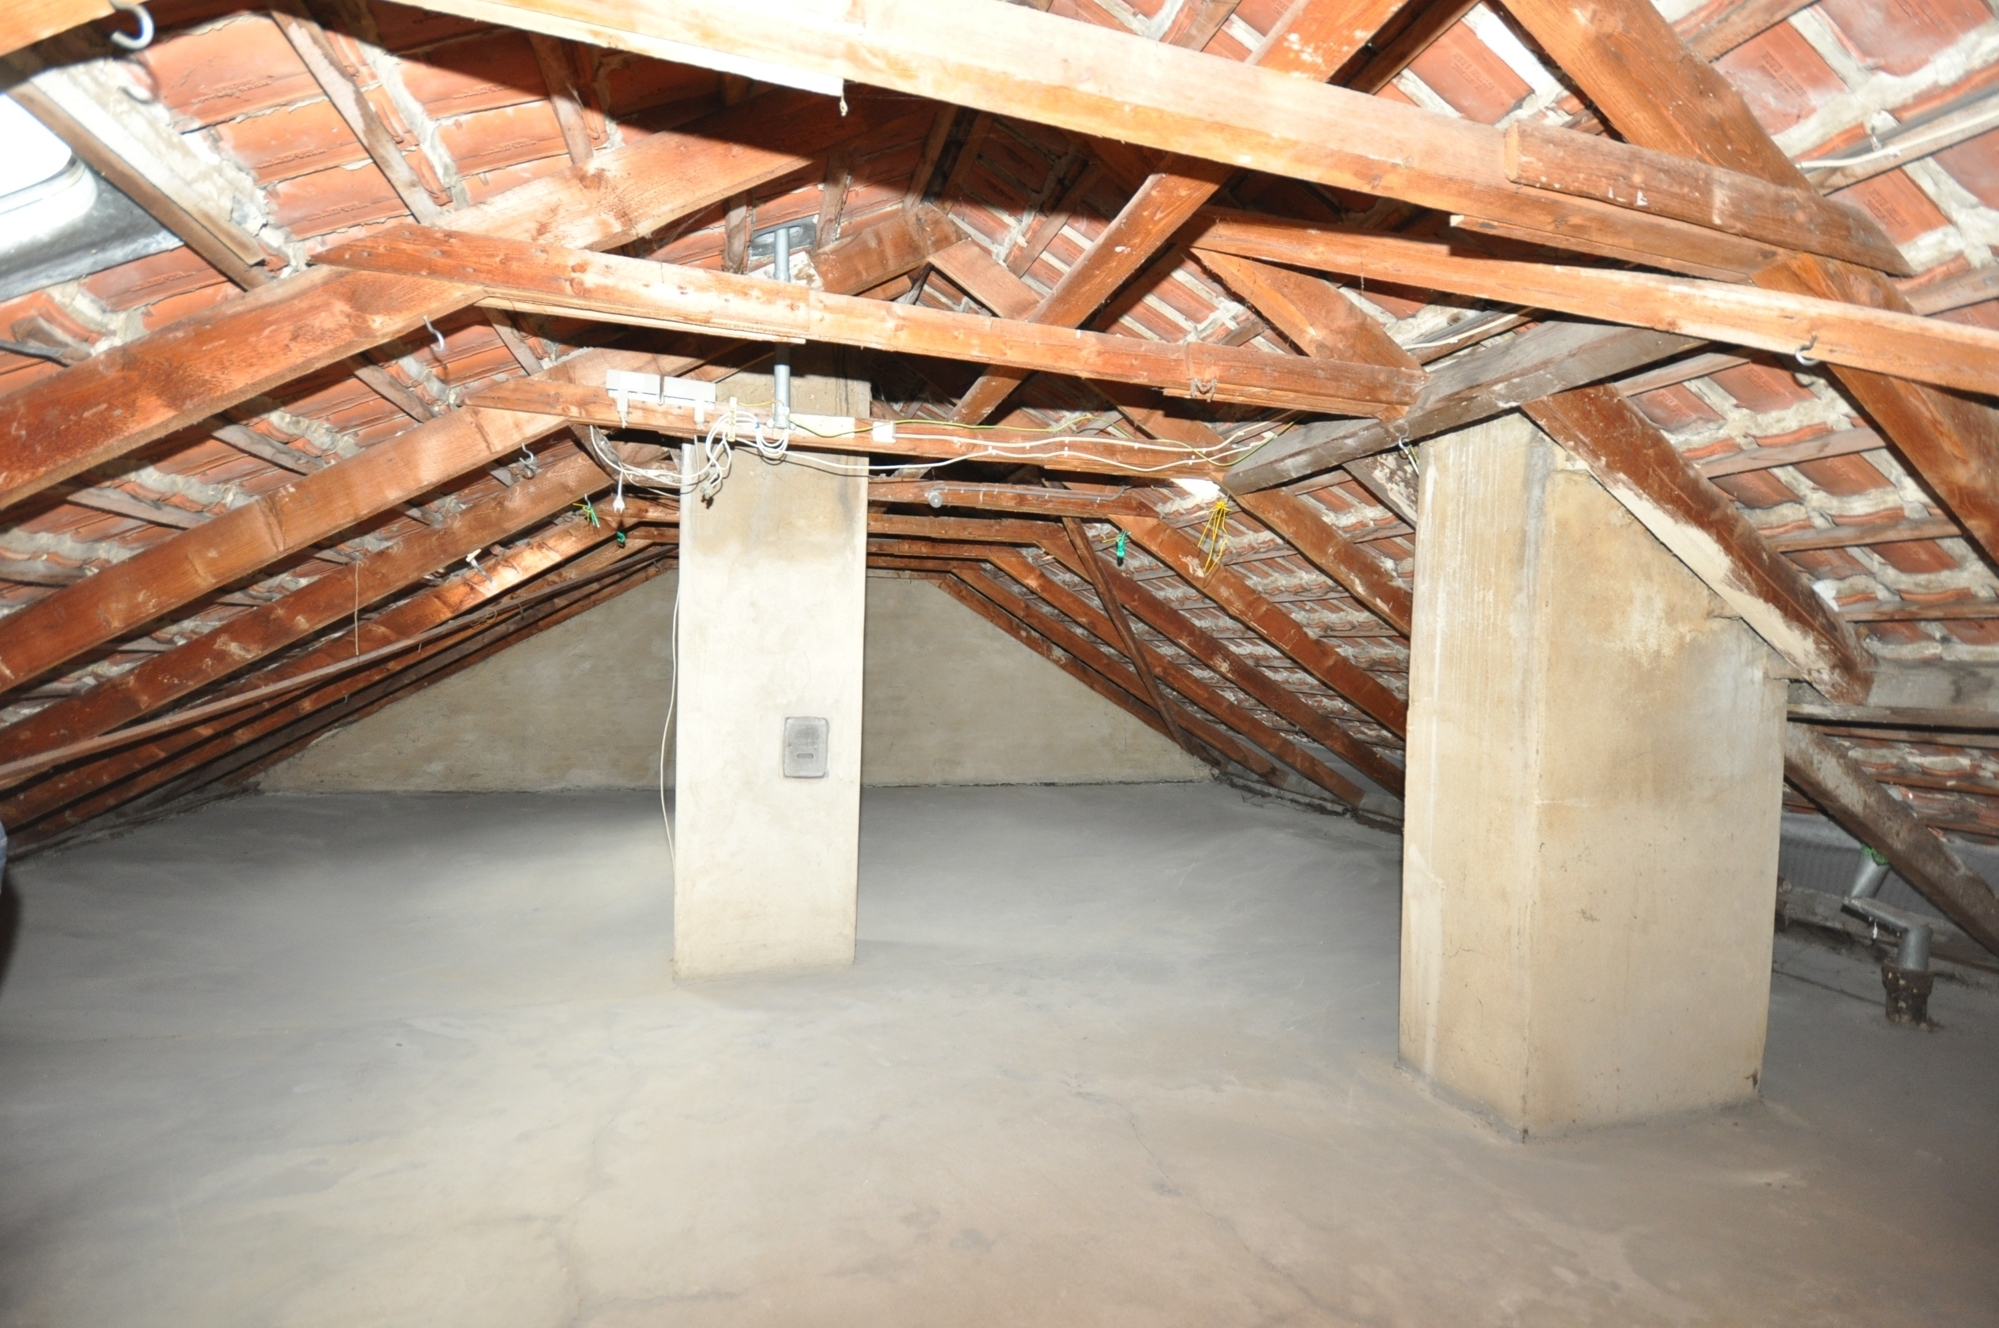 Dachgeschoss, unausgebaut